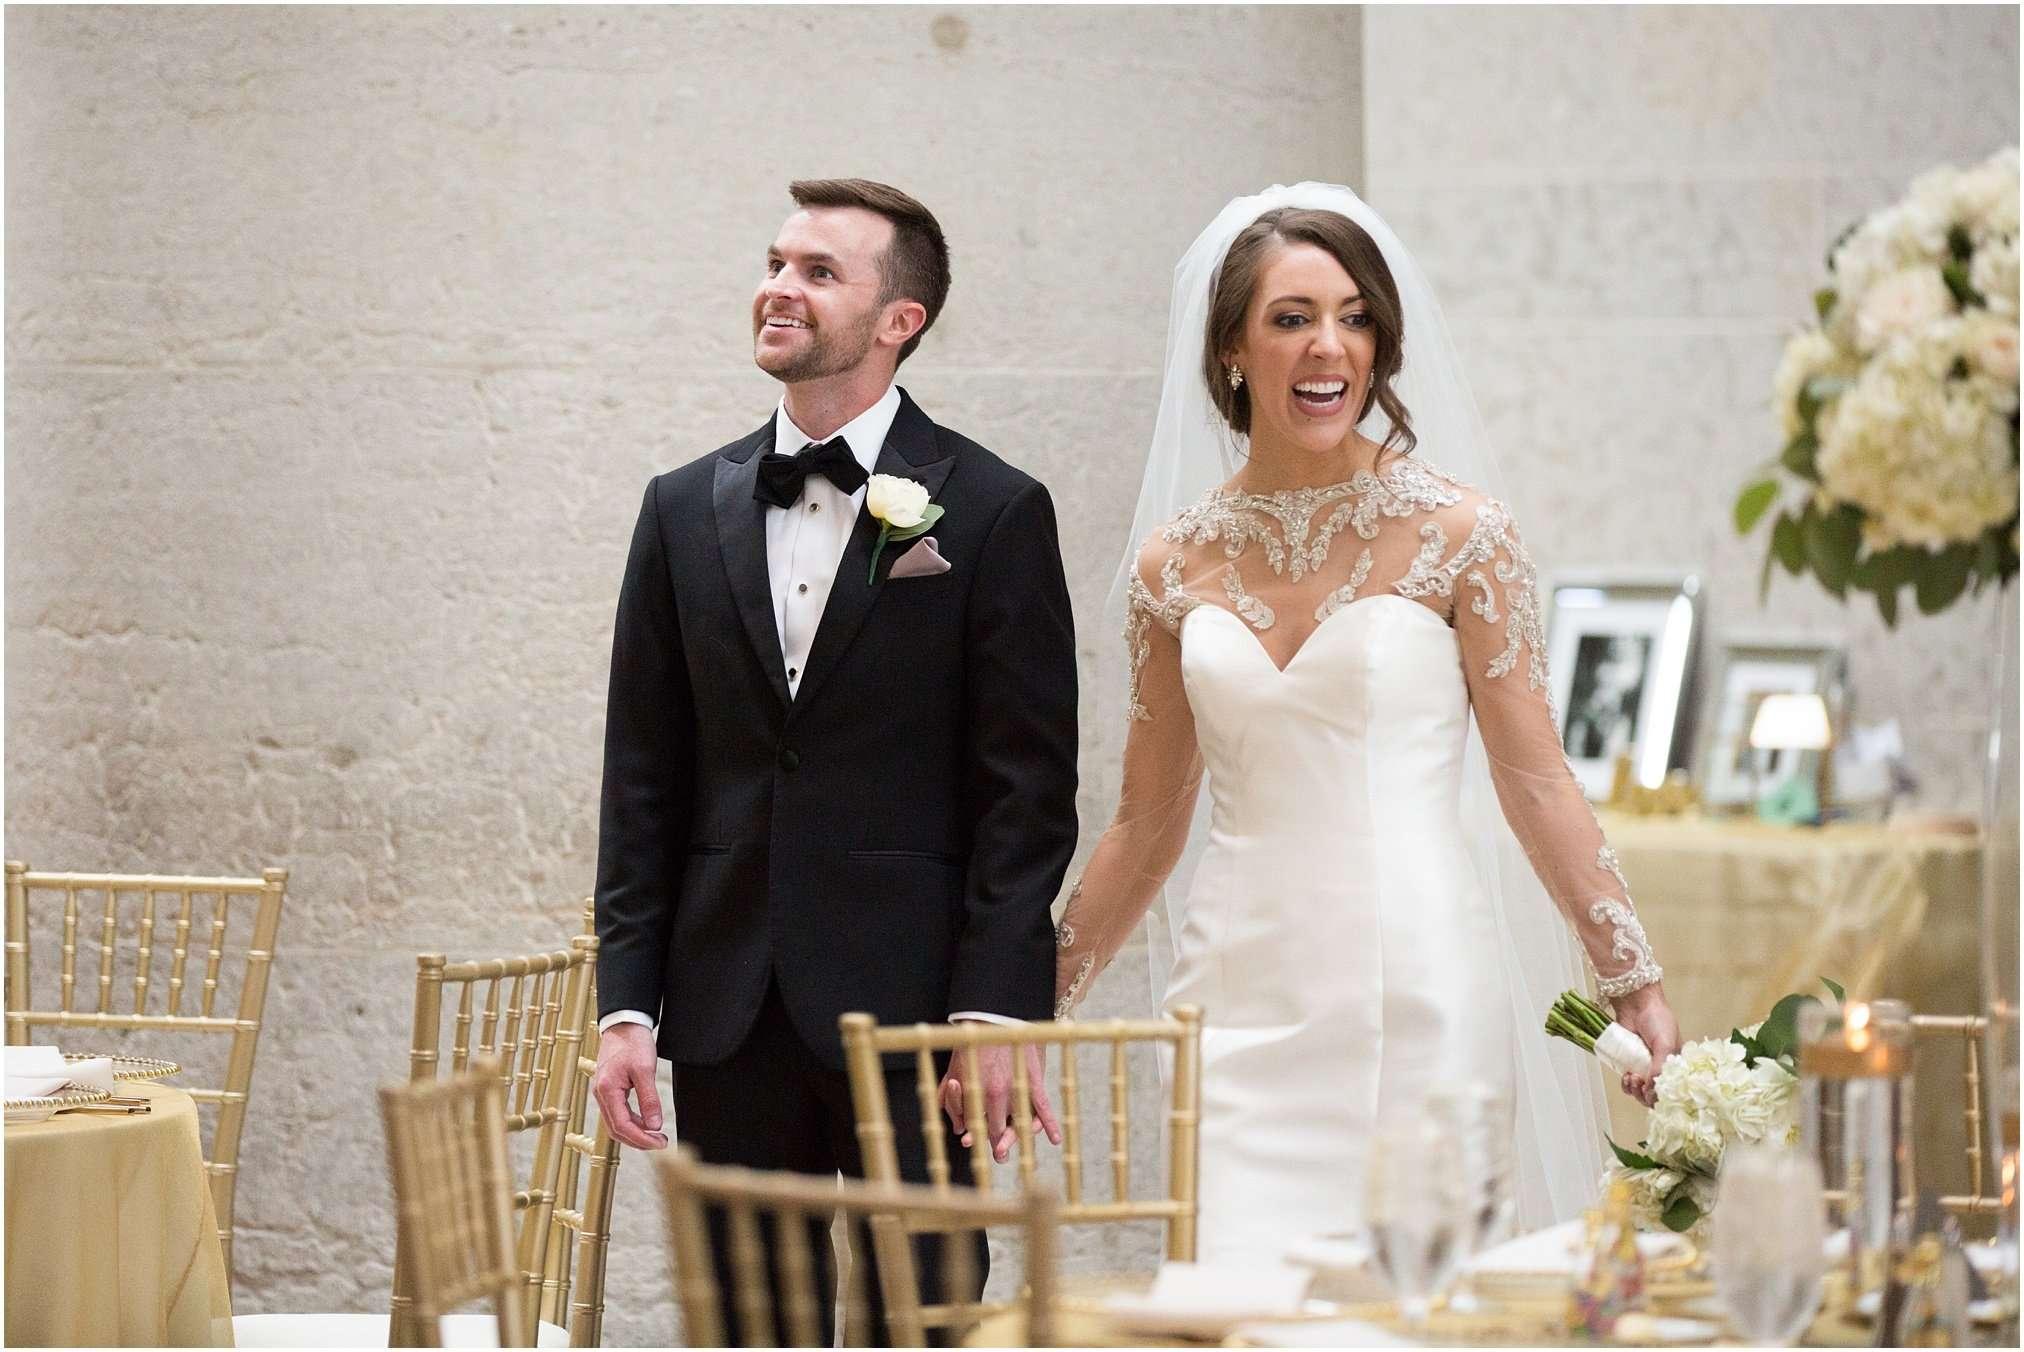 Spring Wedding at the Ohio Statehouse | Columbus Ohio Photography 162